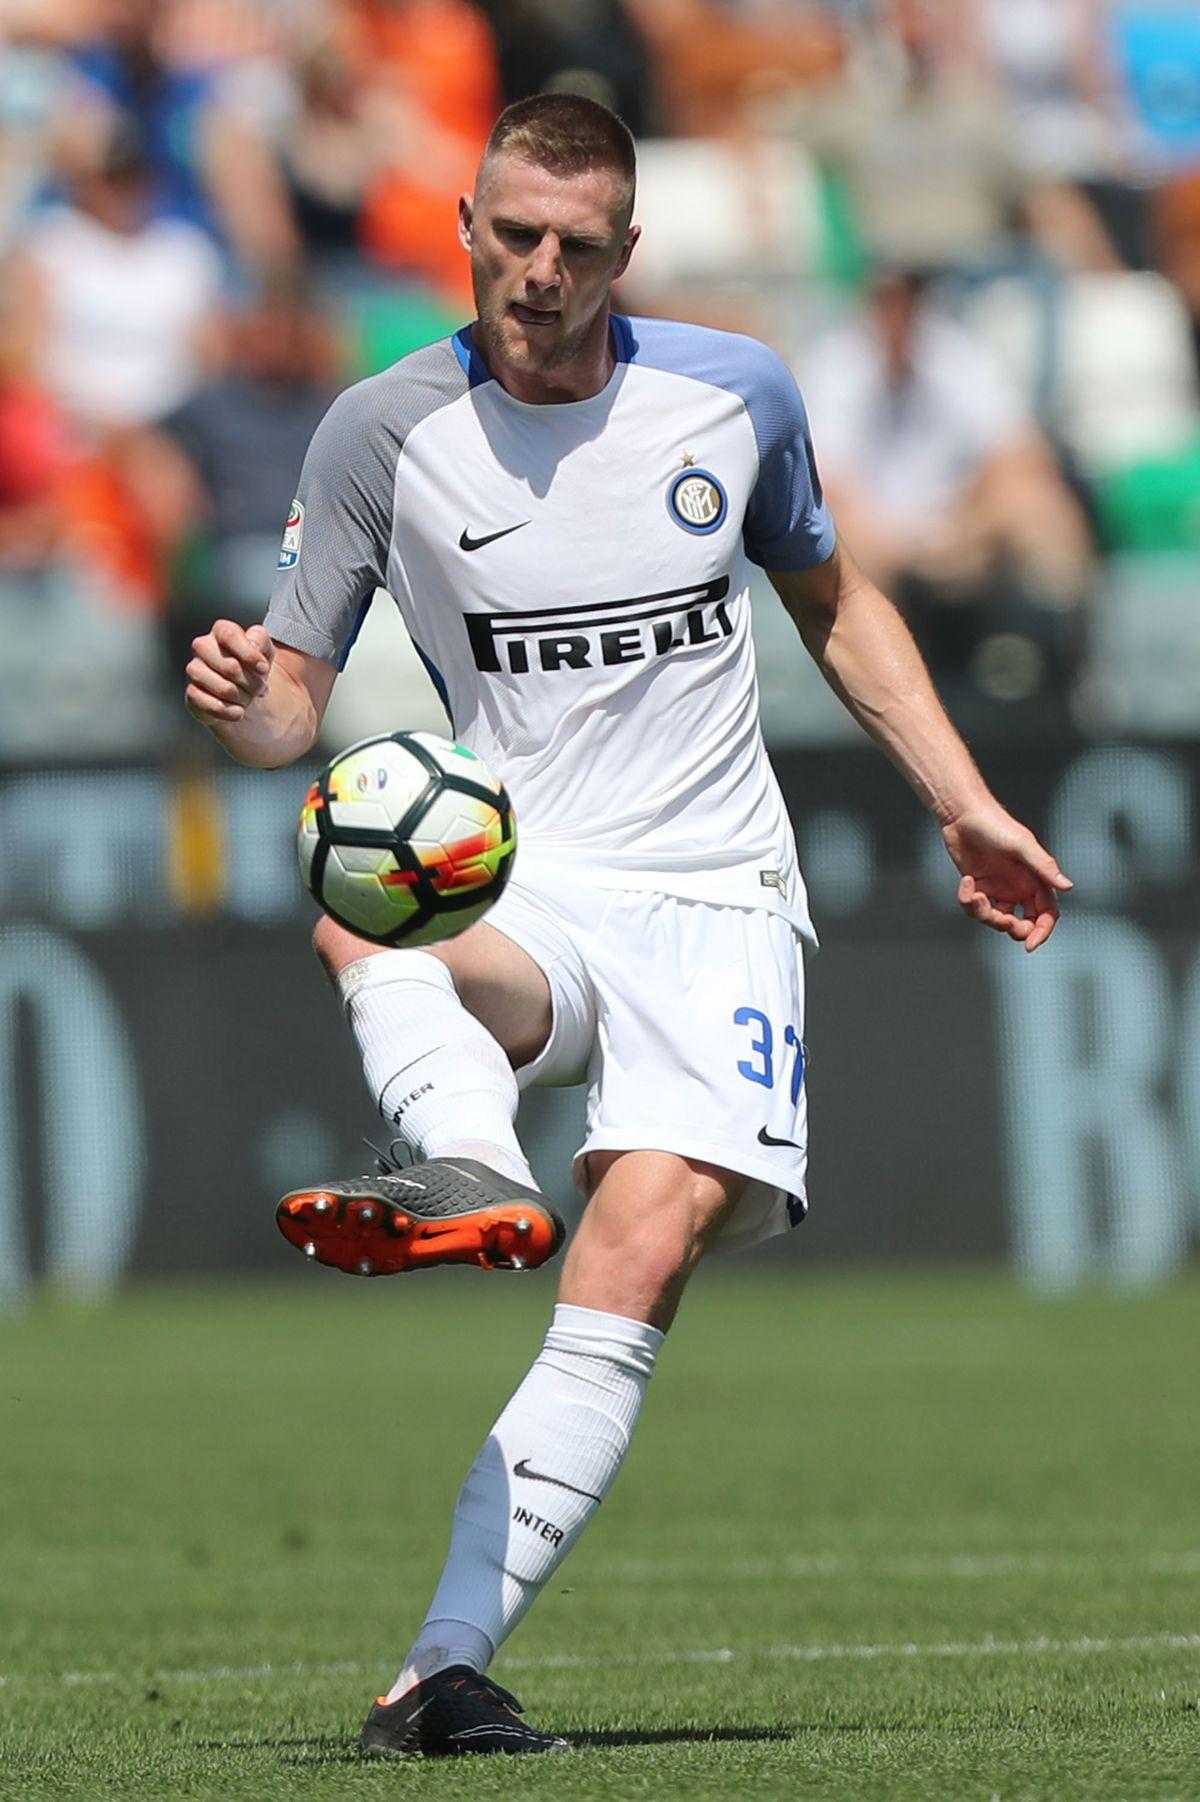 Udinese Calcio v FC Internazionale - Serie A